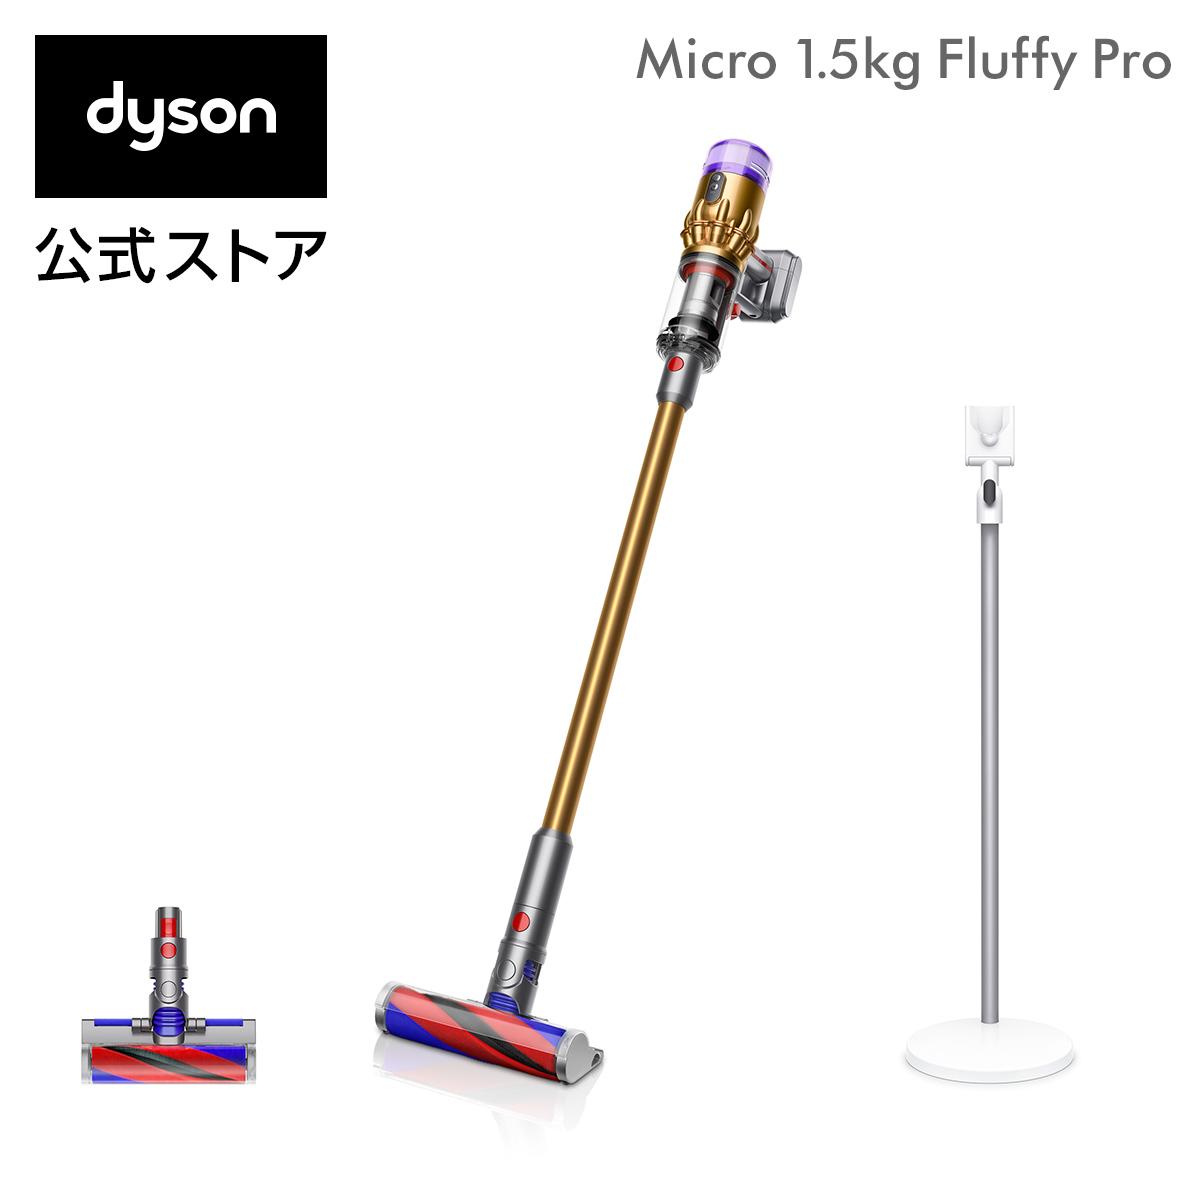 画像2: 【ダイソン掃除機おすすめ】最軽量のコードレスクリーナーDyson Microはわずか1.5kg!吸引力は変わらず高性能